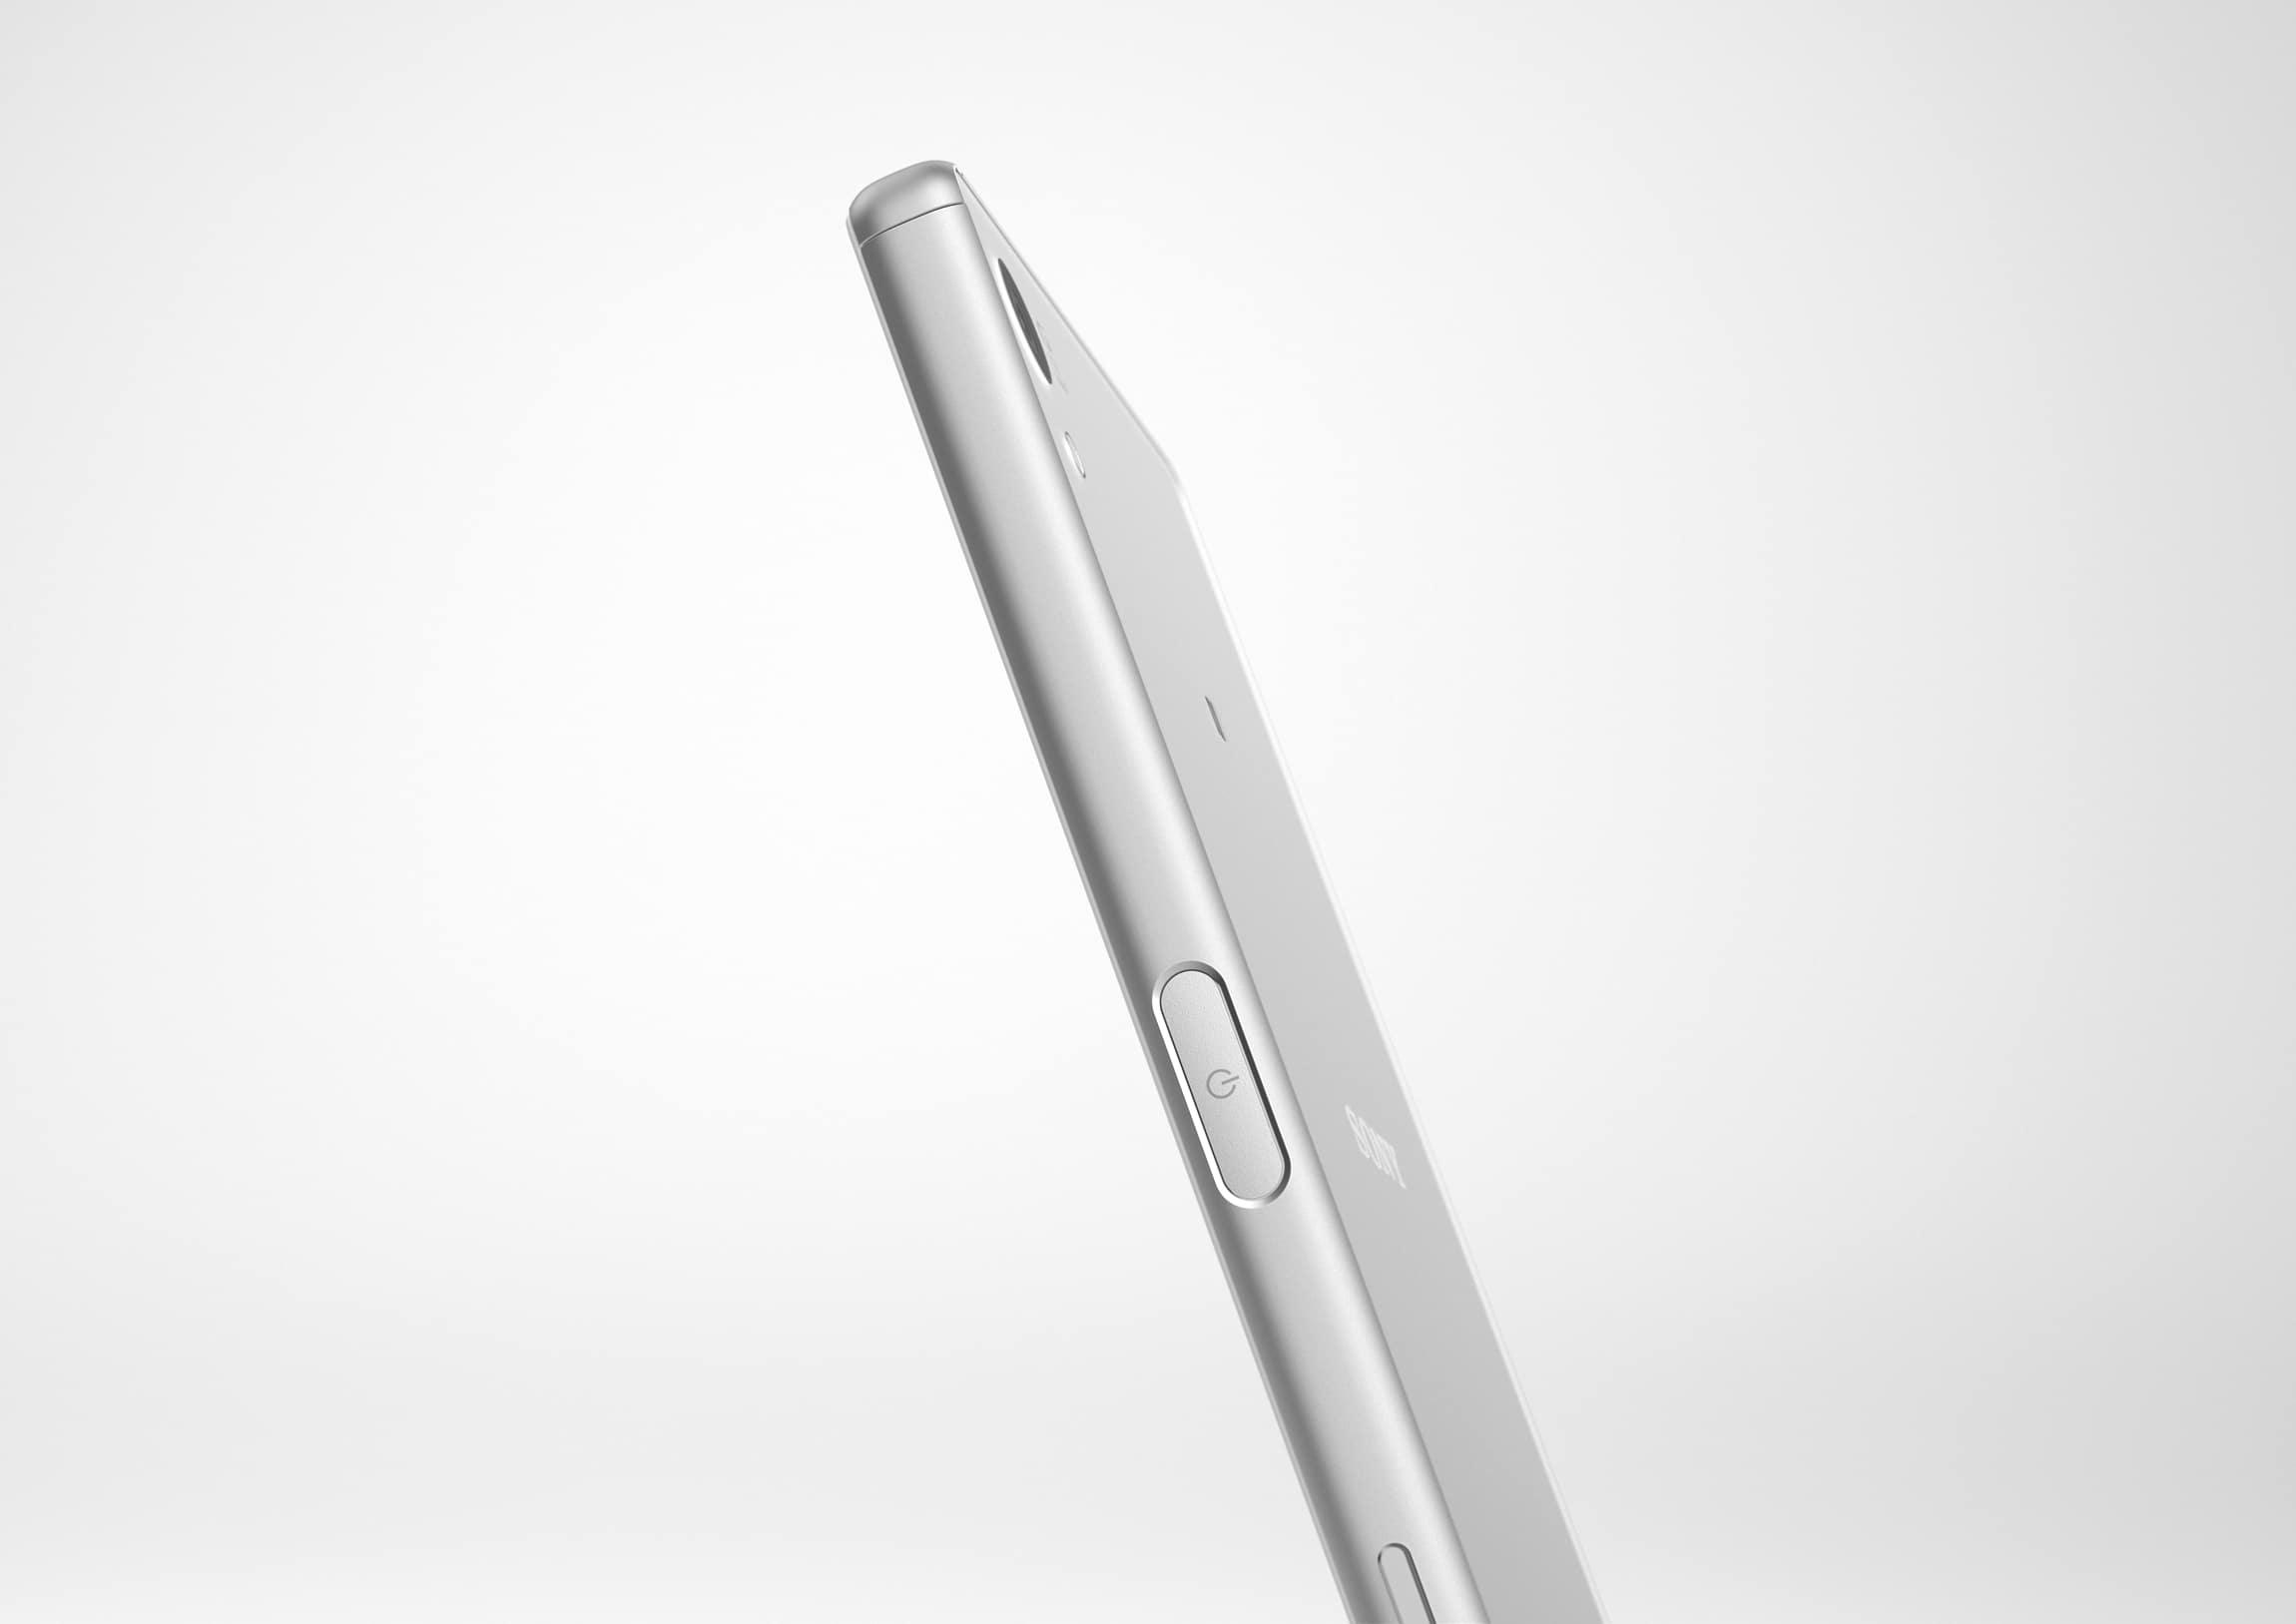 Xperia Z5 in Silber-weiß